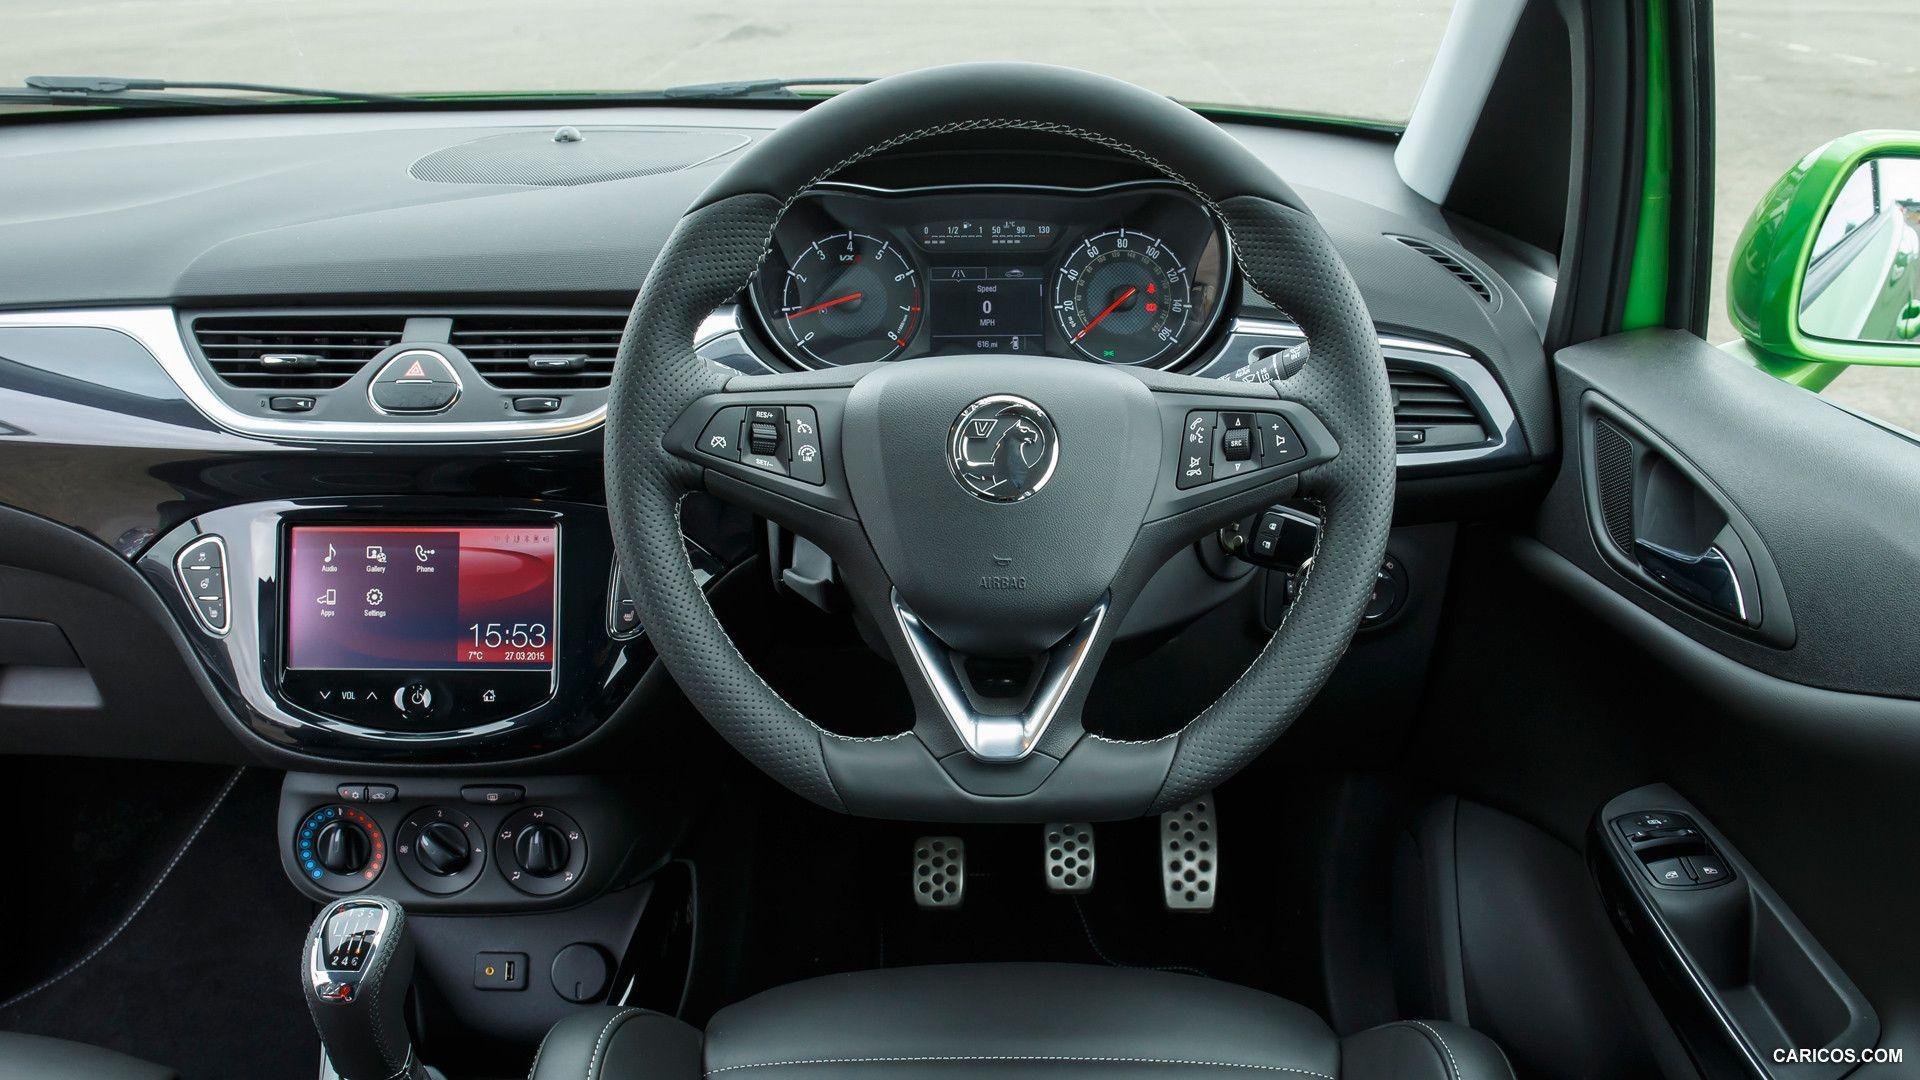 2016 Vauxhall Corsa Vxr Wallpaper Vauxhall Corsa Vauxhall Opel Corsa